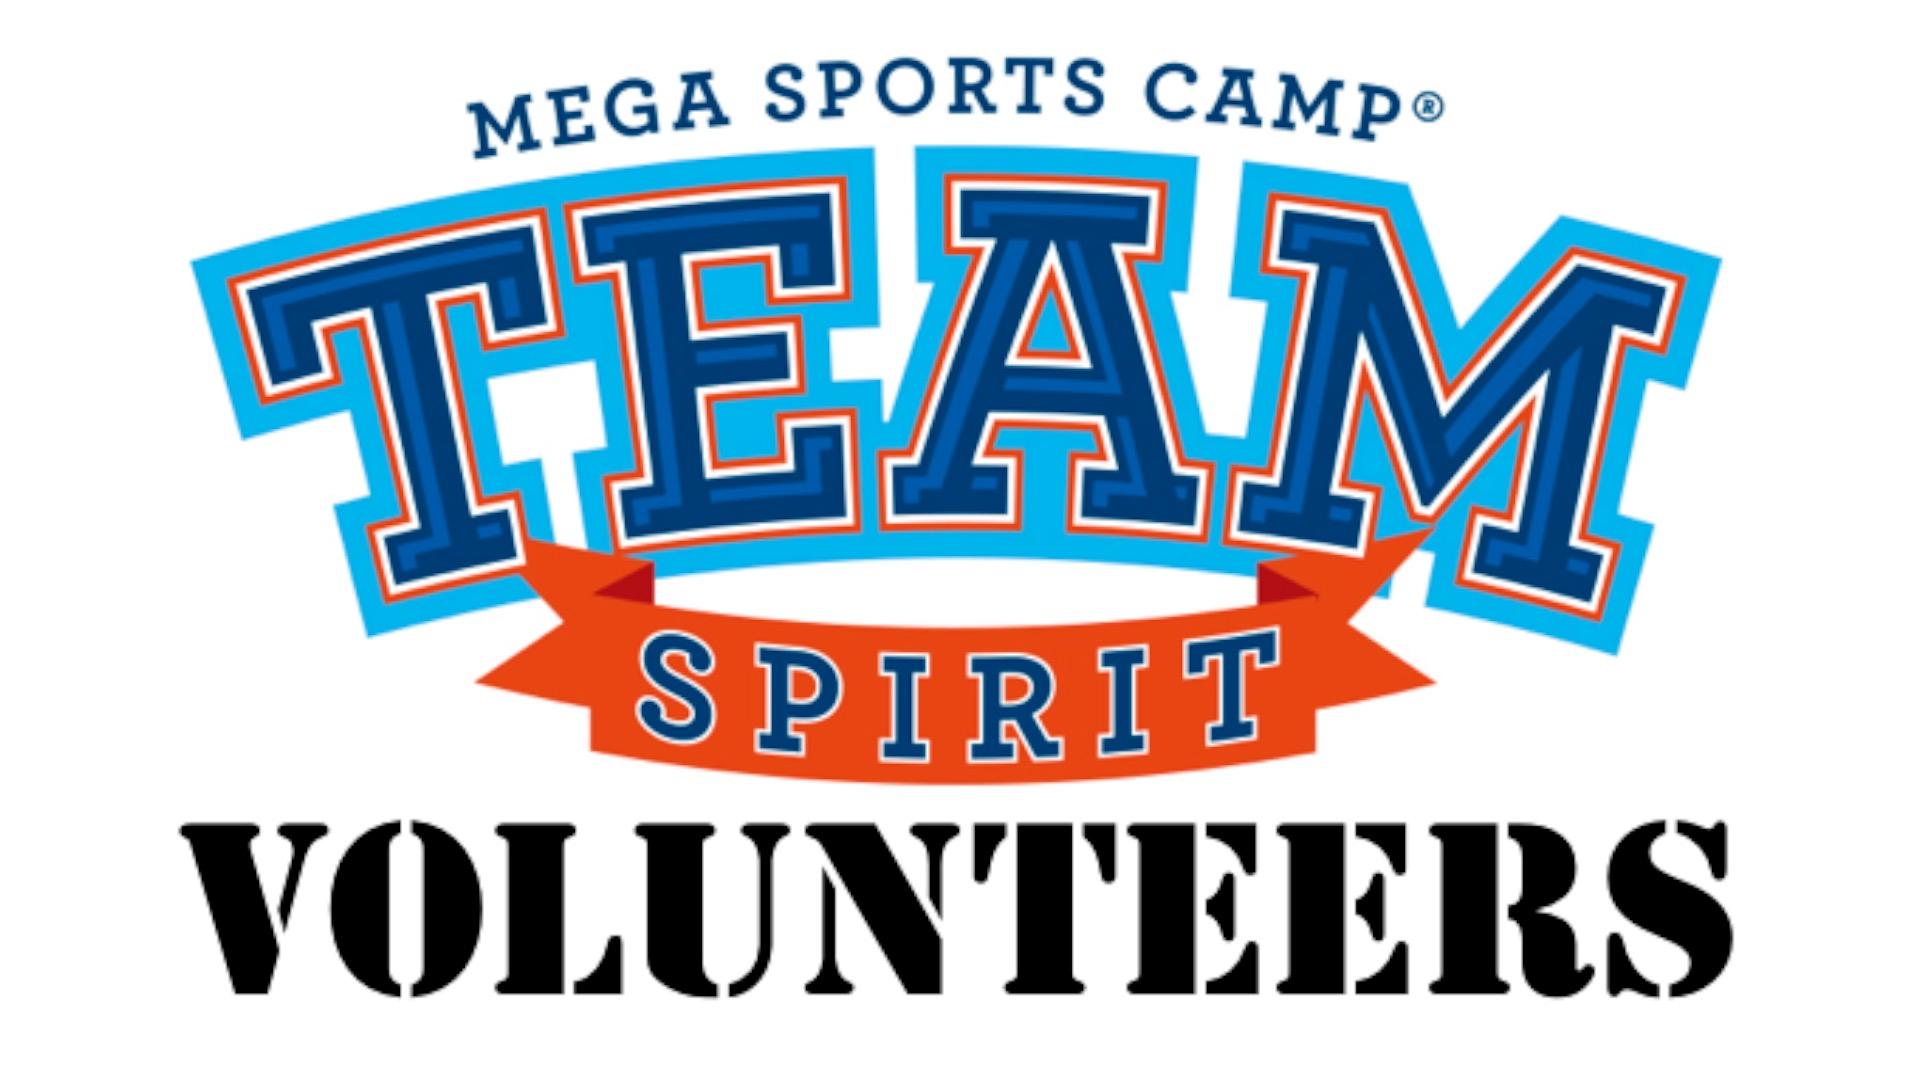 Msc volunteers logo